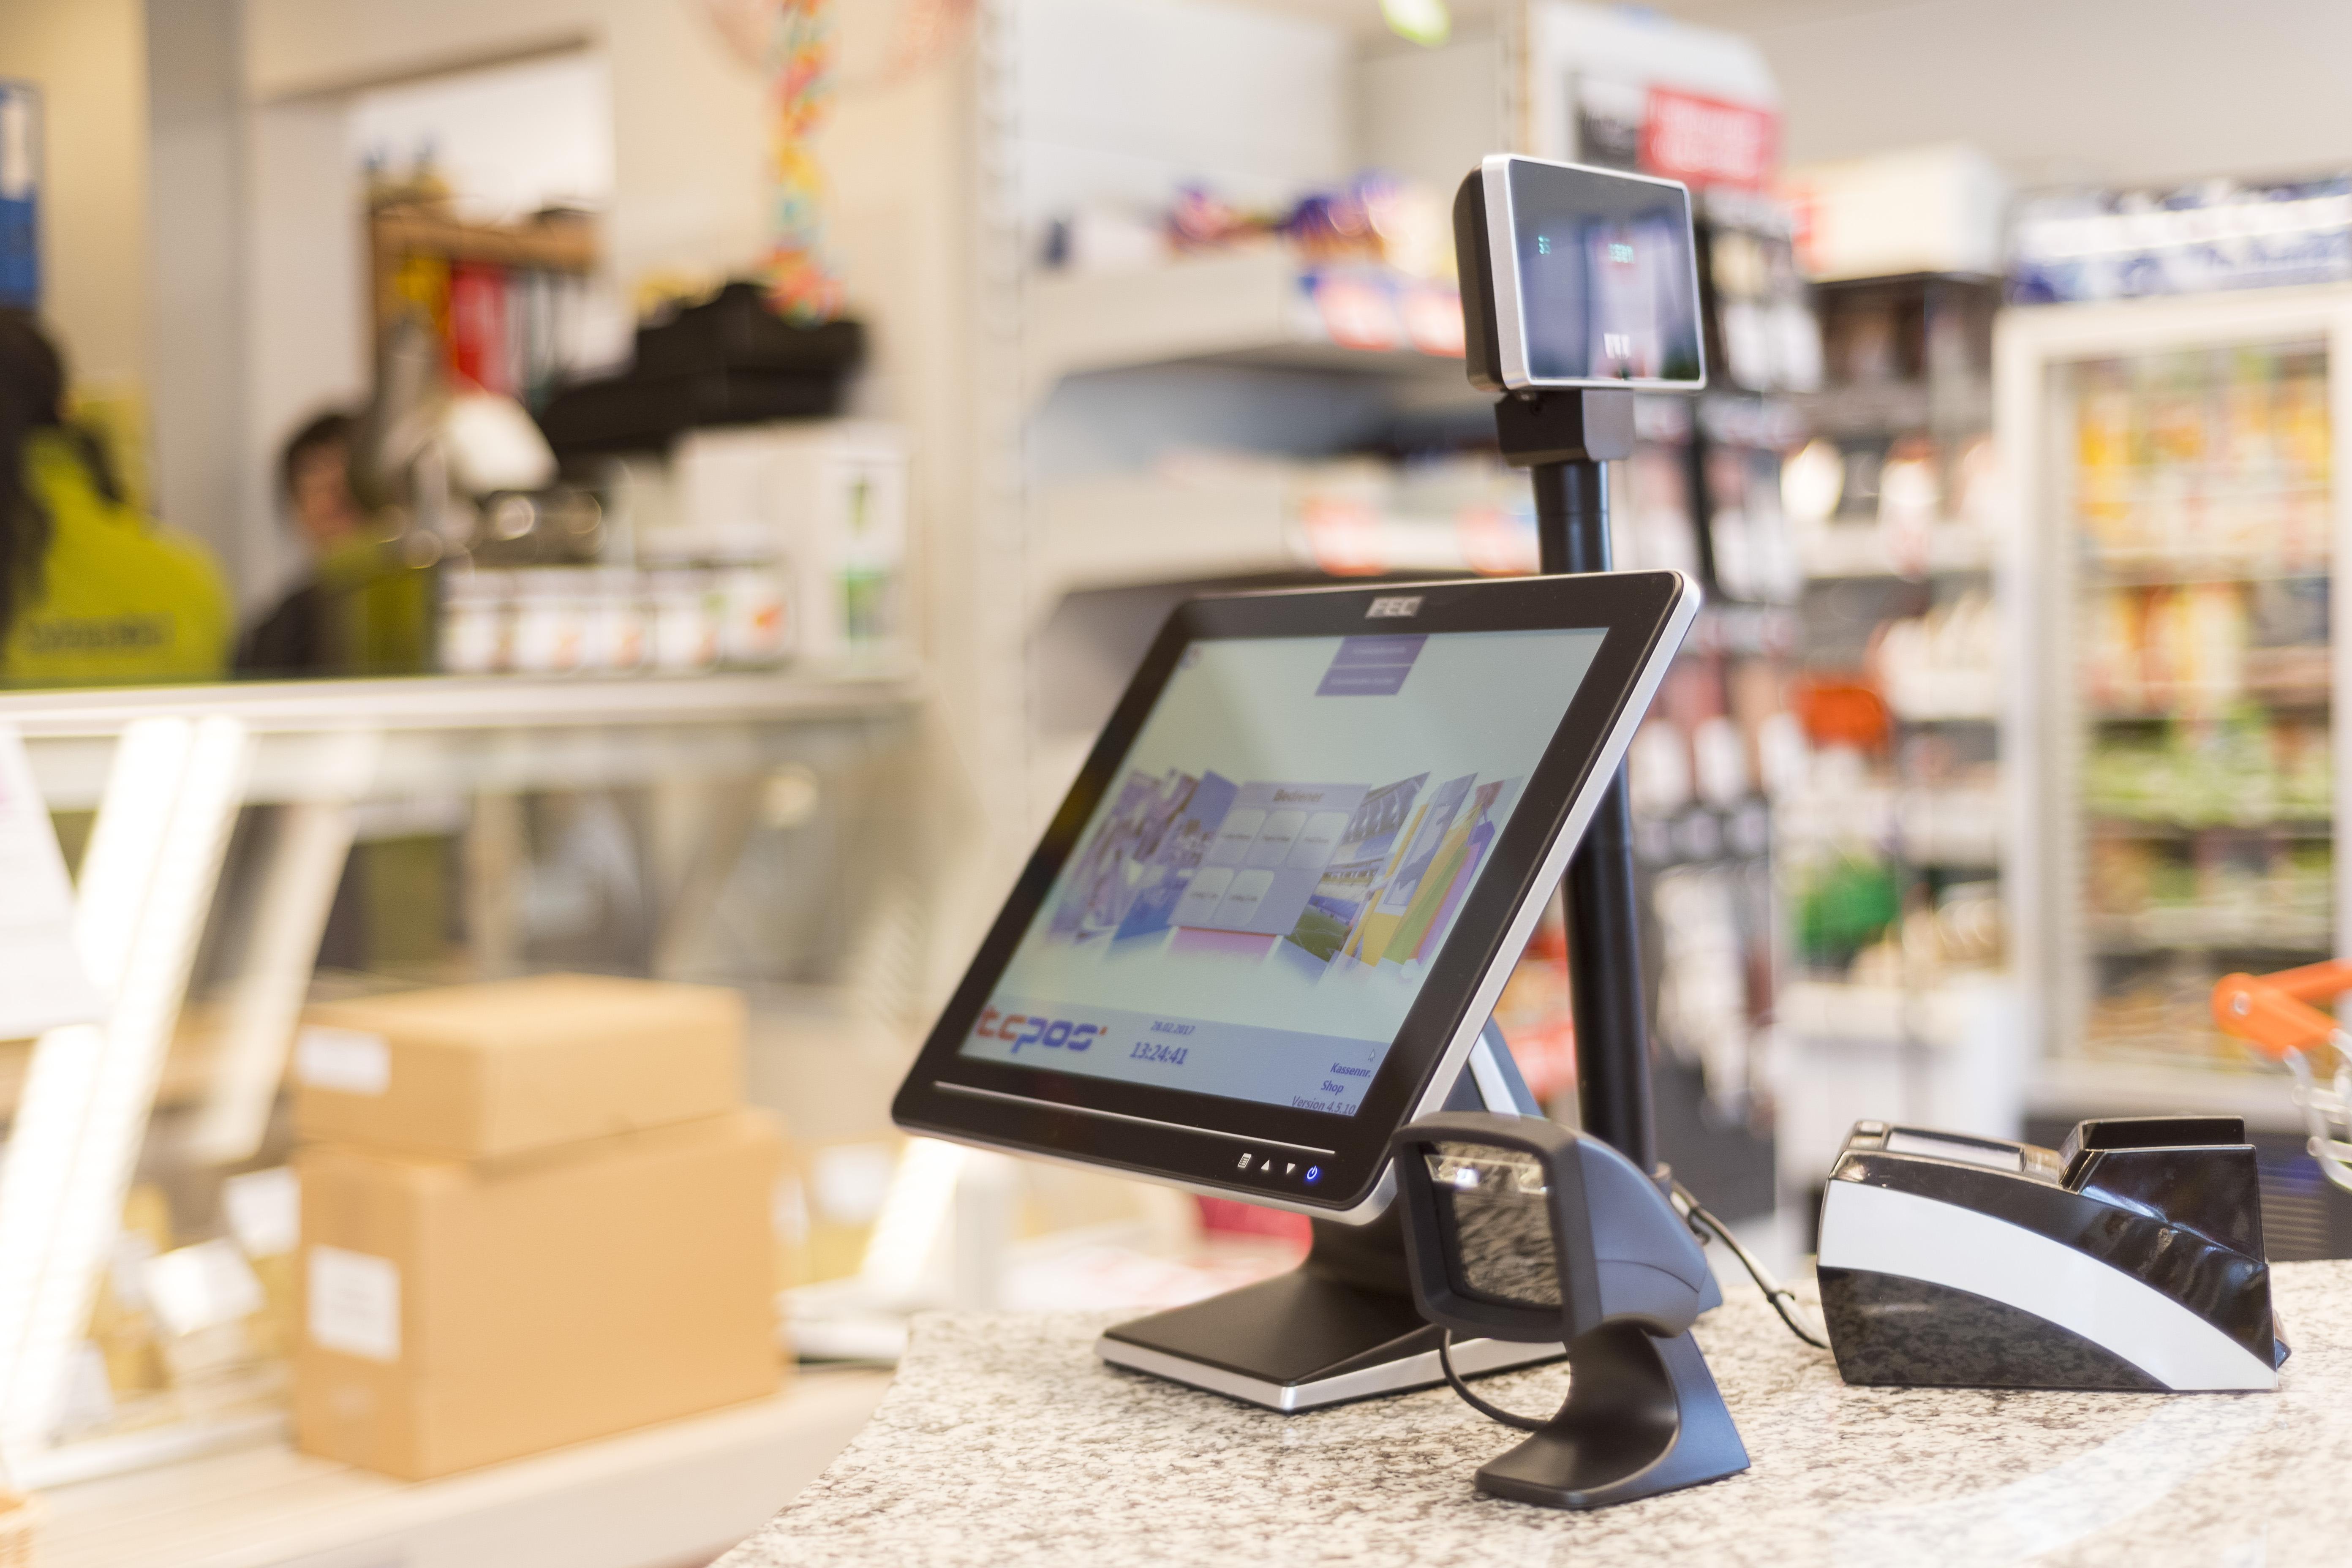 Komplettes Kassensystem mit Scanner, EFT-Gerät und Anzeige